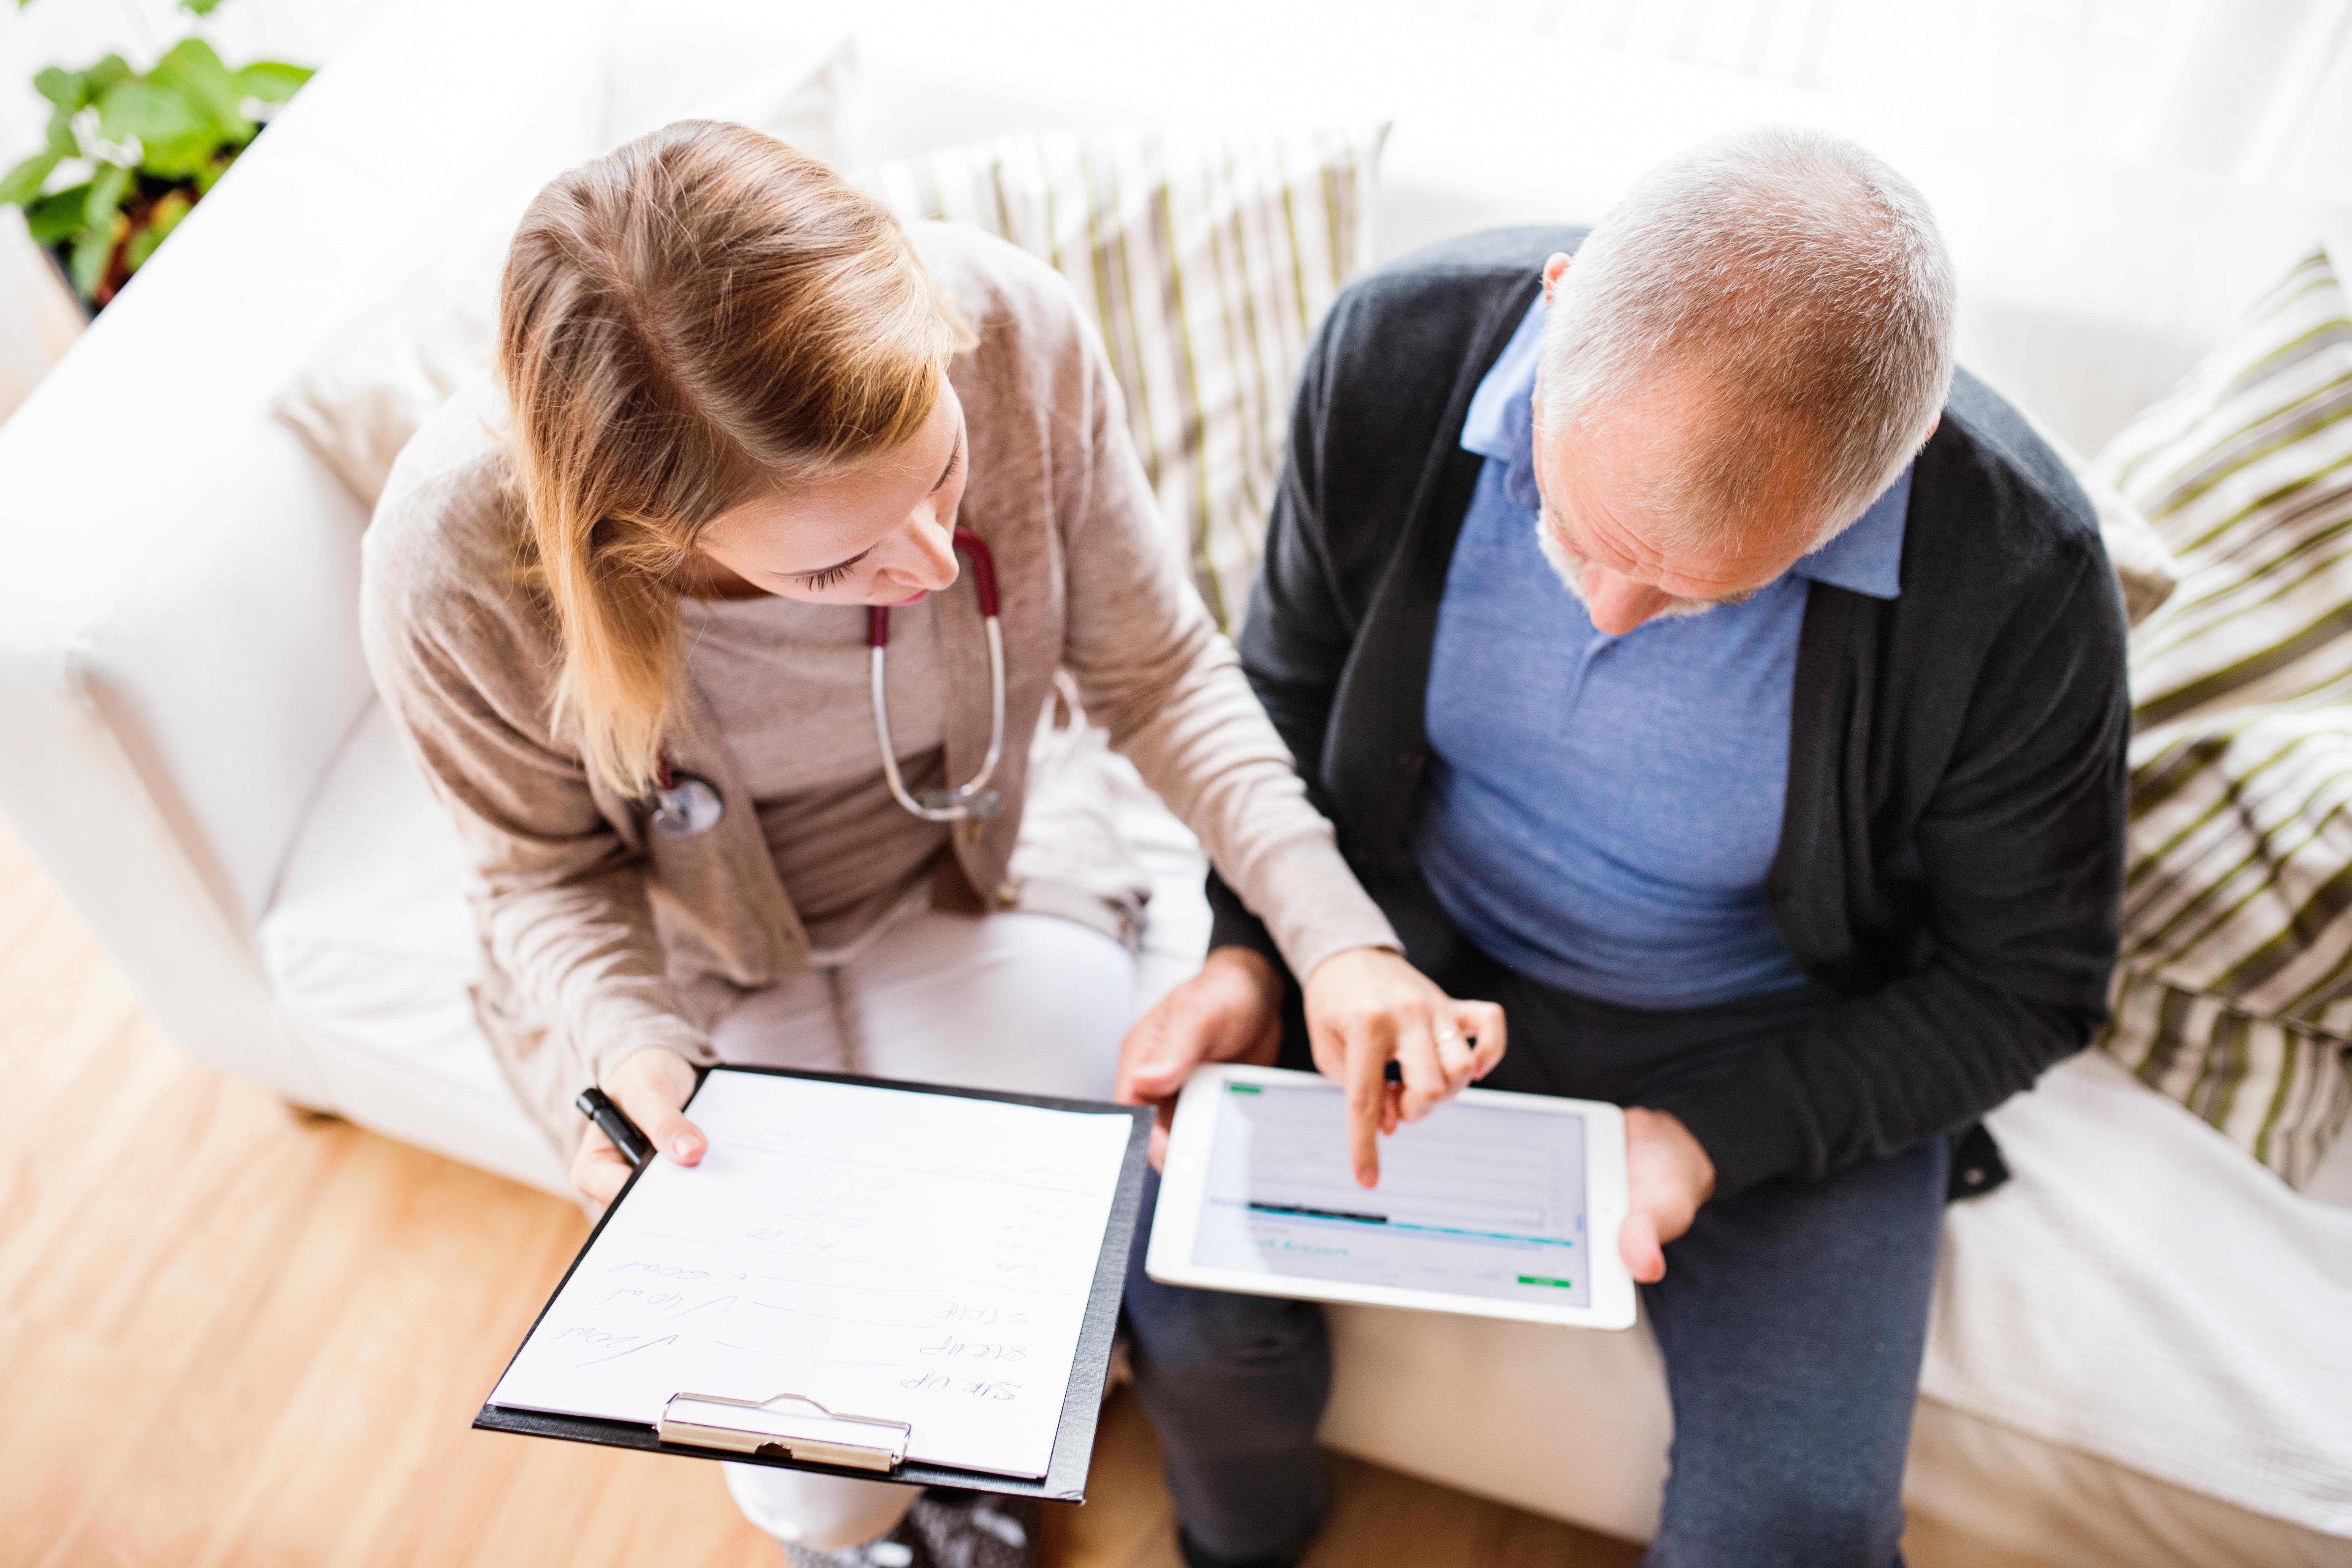 Vermittlungsagentur mit Tablet beim Gespräch mit Senior